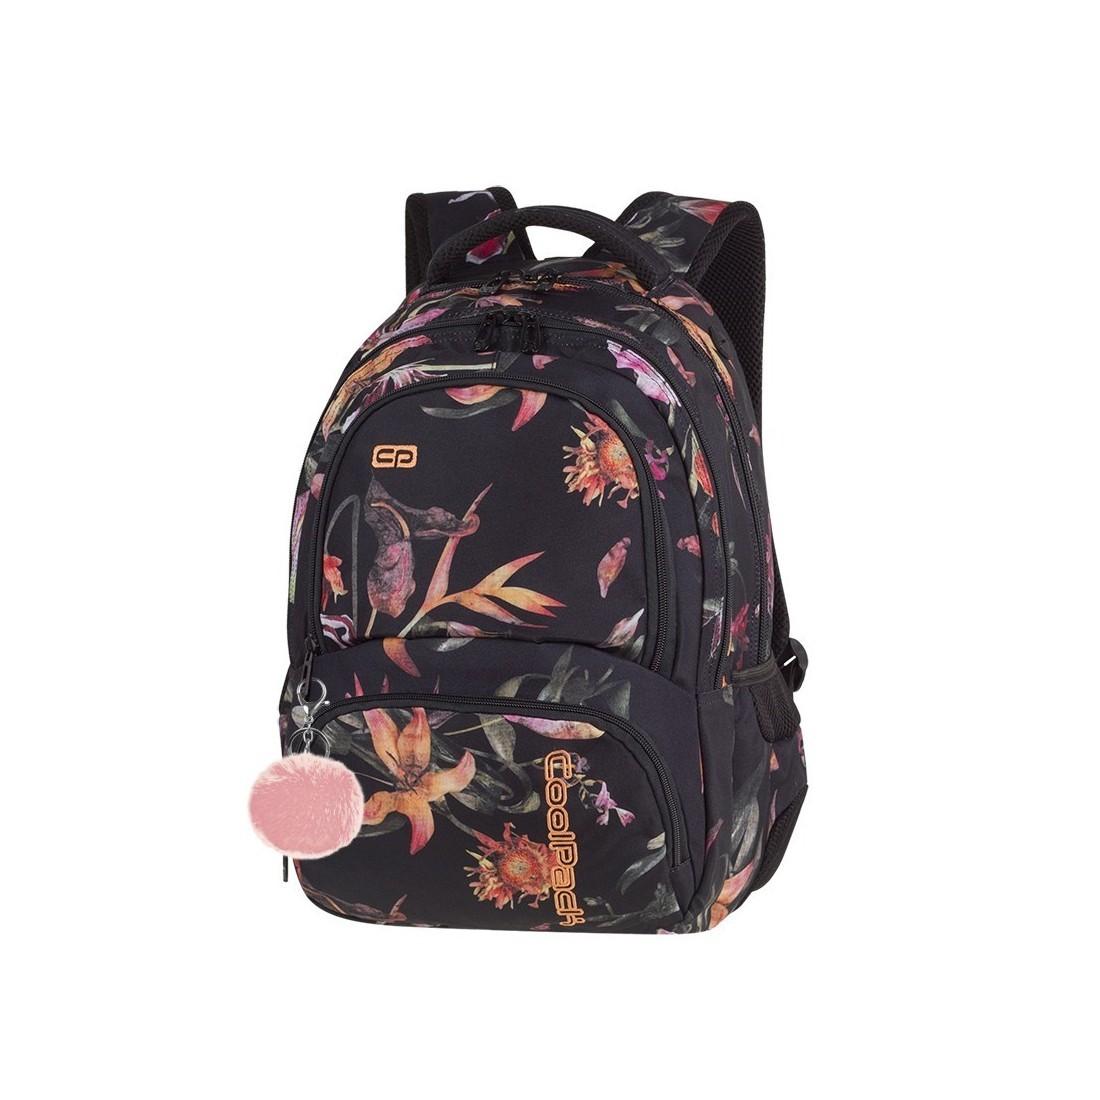 d0514d3d6ae4e Plecak szkolny CoolPack CP Spiner Lilies kwiaty lilii dla dziewczyny ...